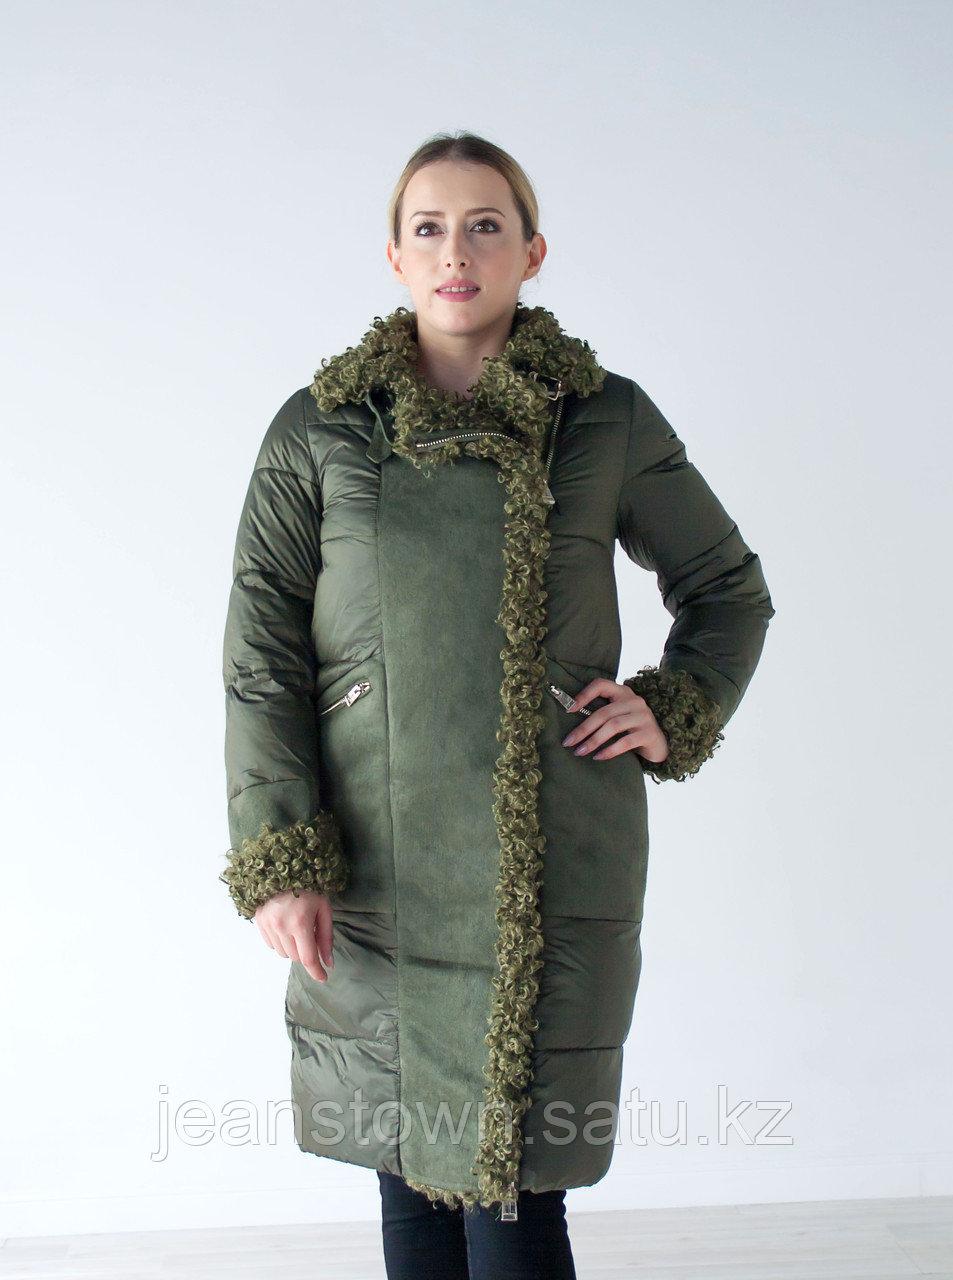 Куртка женская зимняя Evacana зеленая , длинная